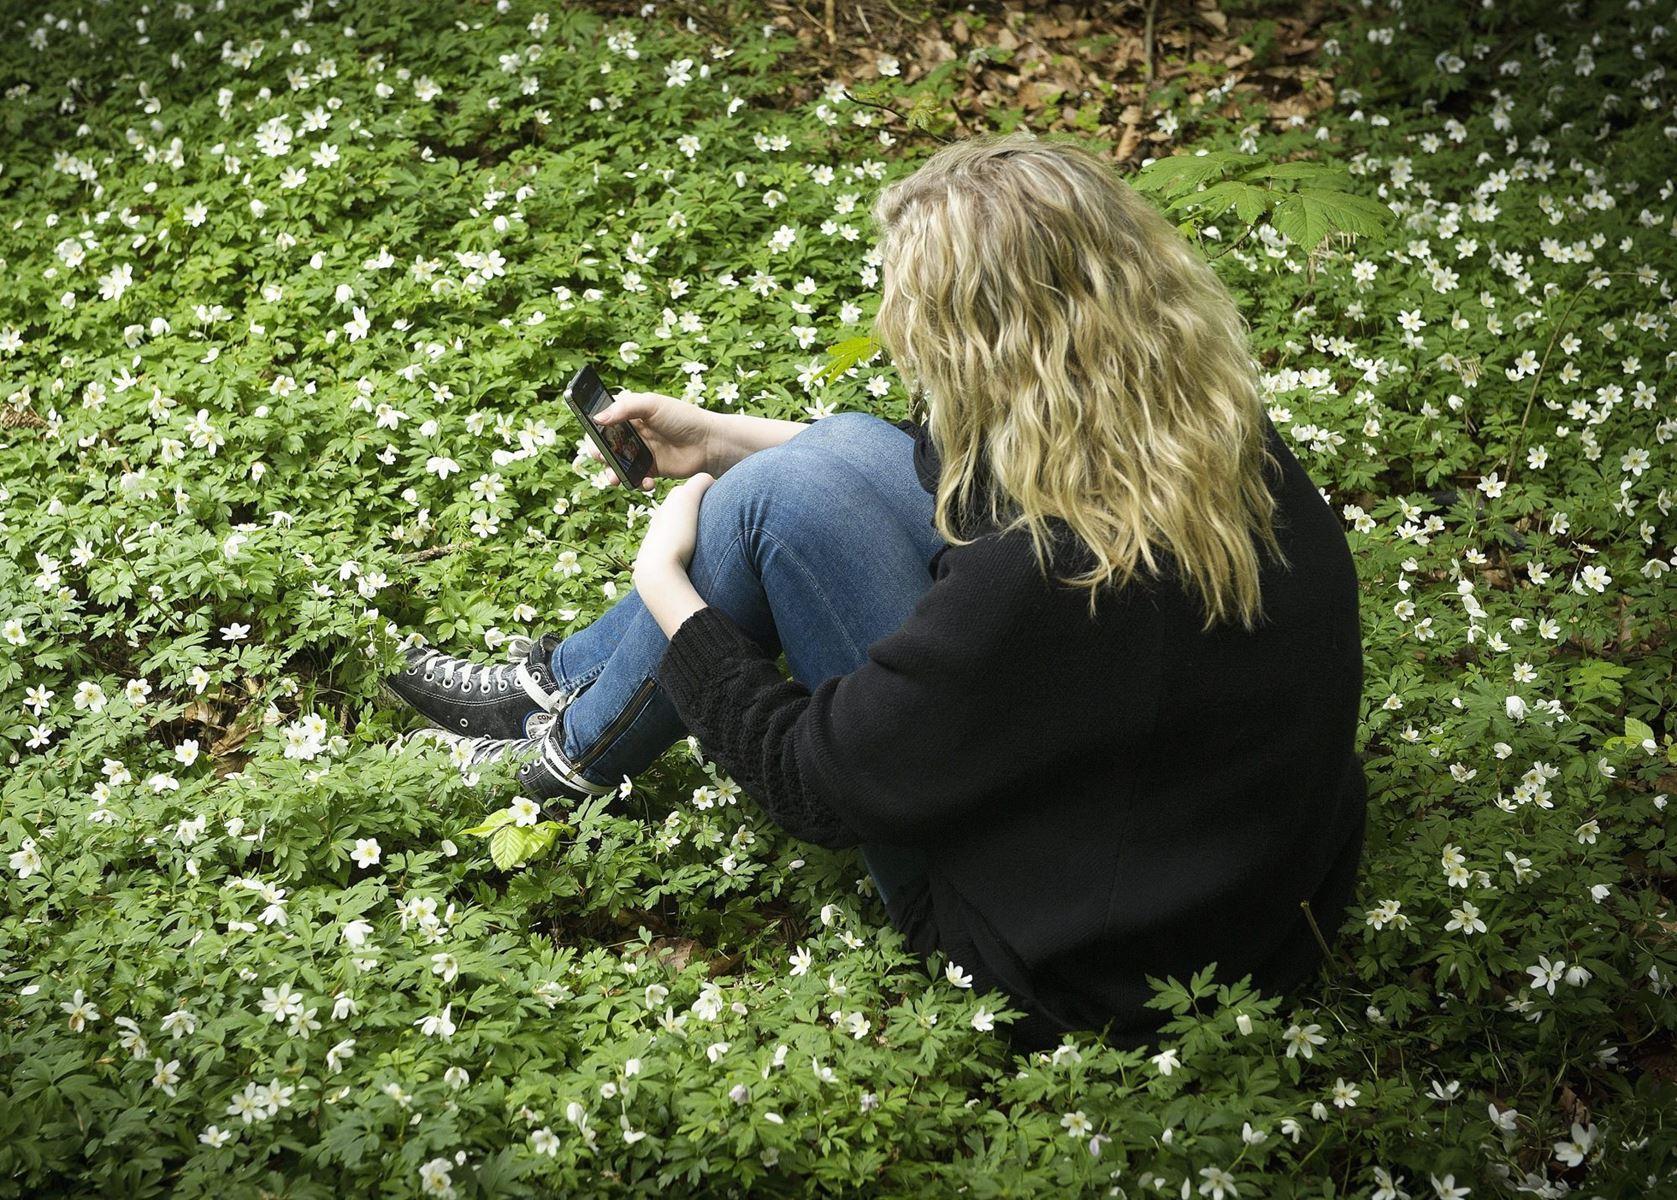 Er hædret for ungeindsats med fokus på den mentale sundhed